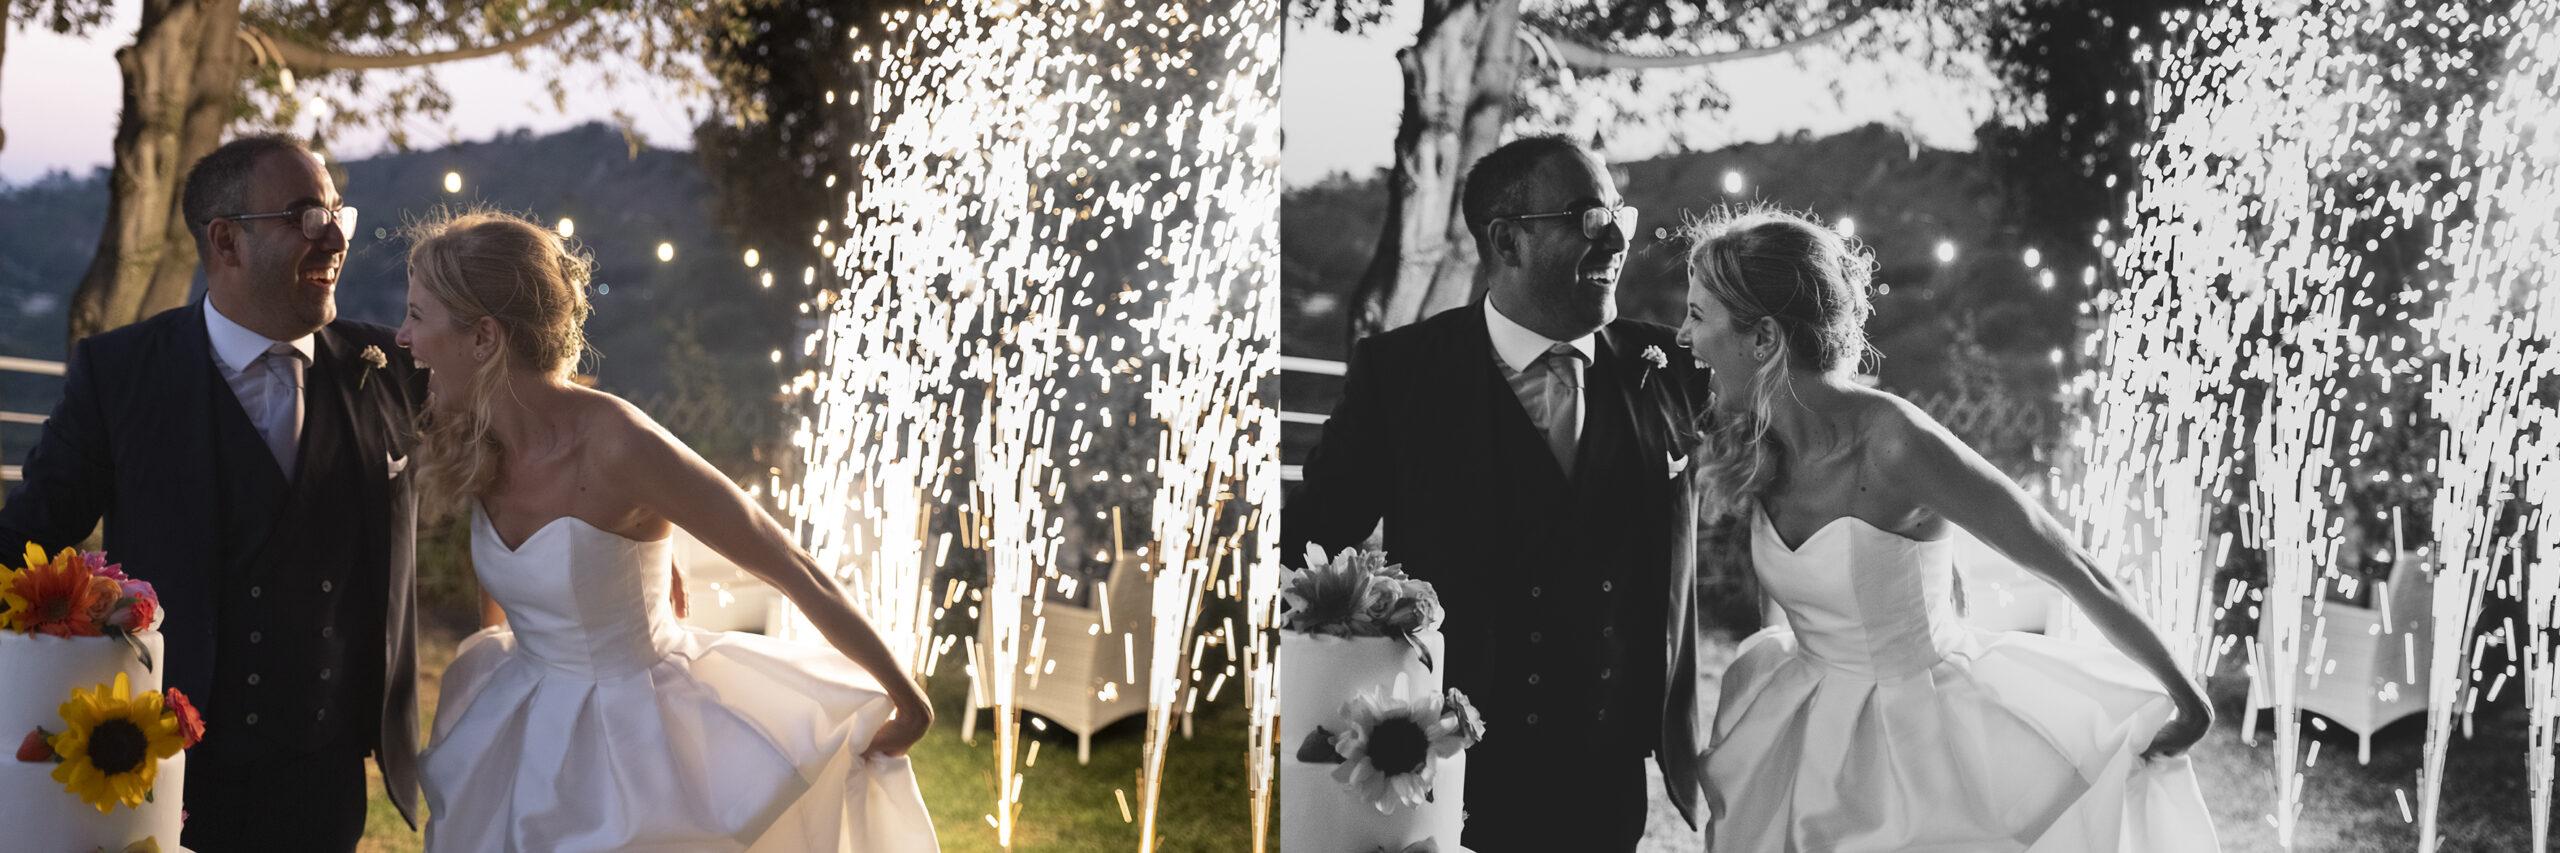 La post produzione nelle foto di matrimonio, 5 spunti per capirla